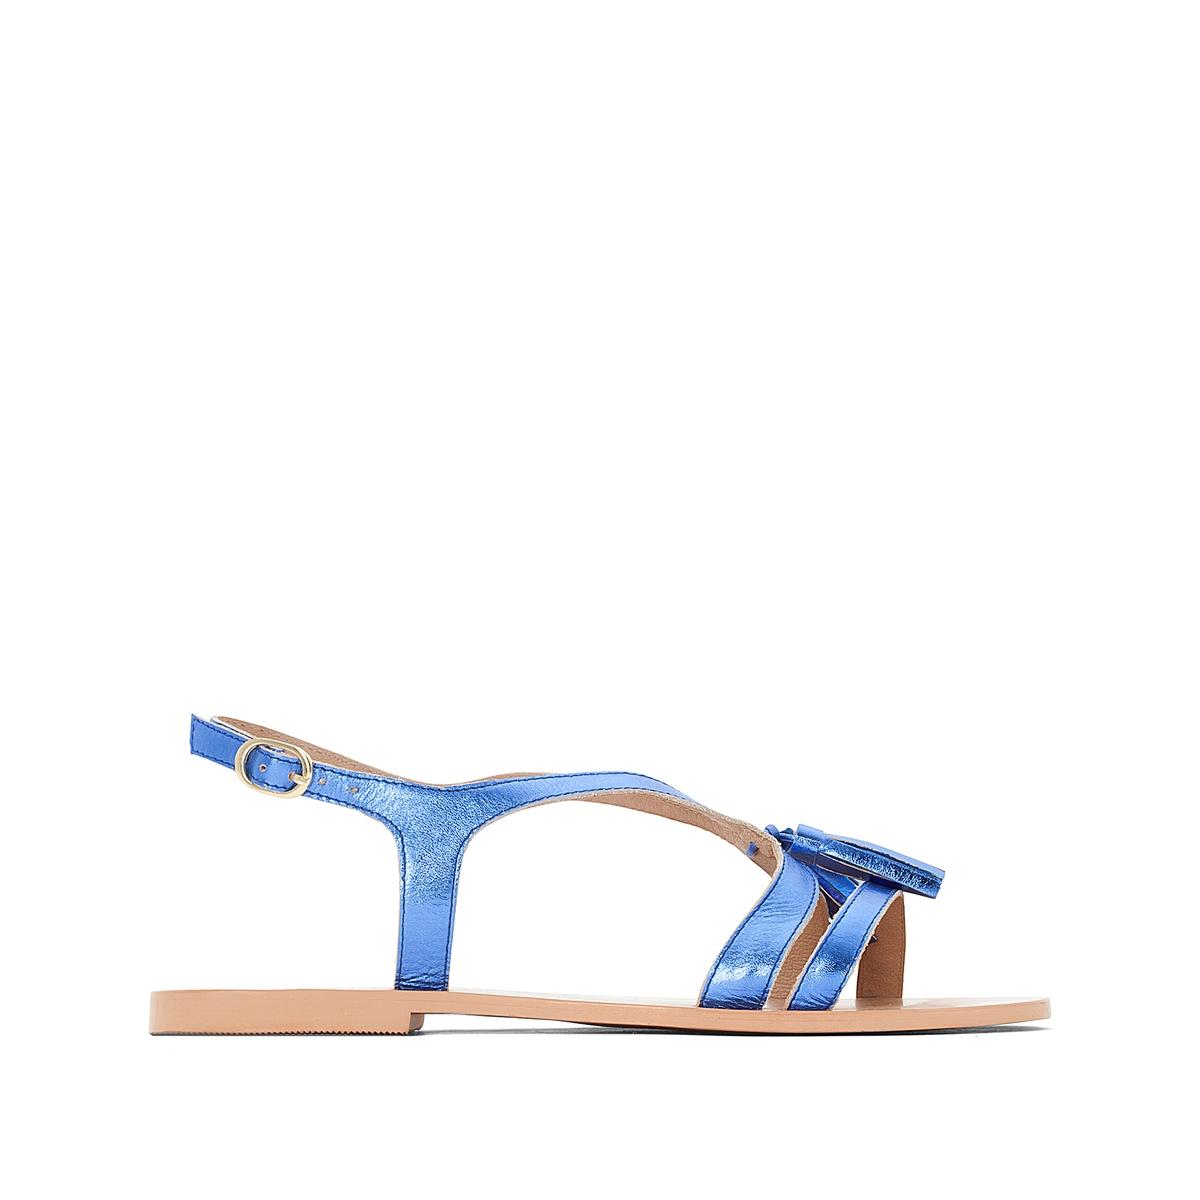 Босоножки кожаные с кисточками на плоском каблуке босоножки кожаные с кисточками на плоском каблуке